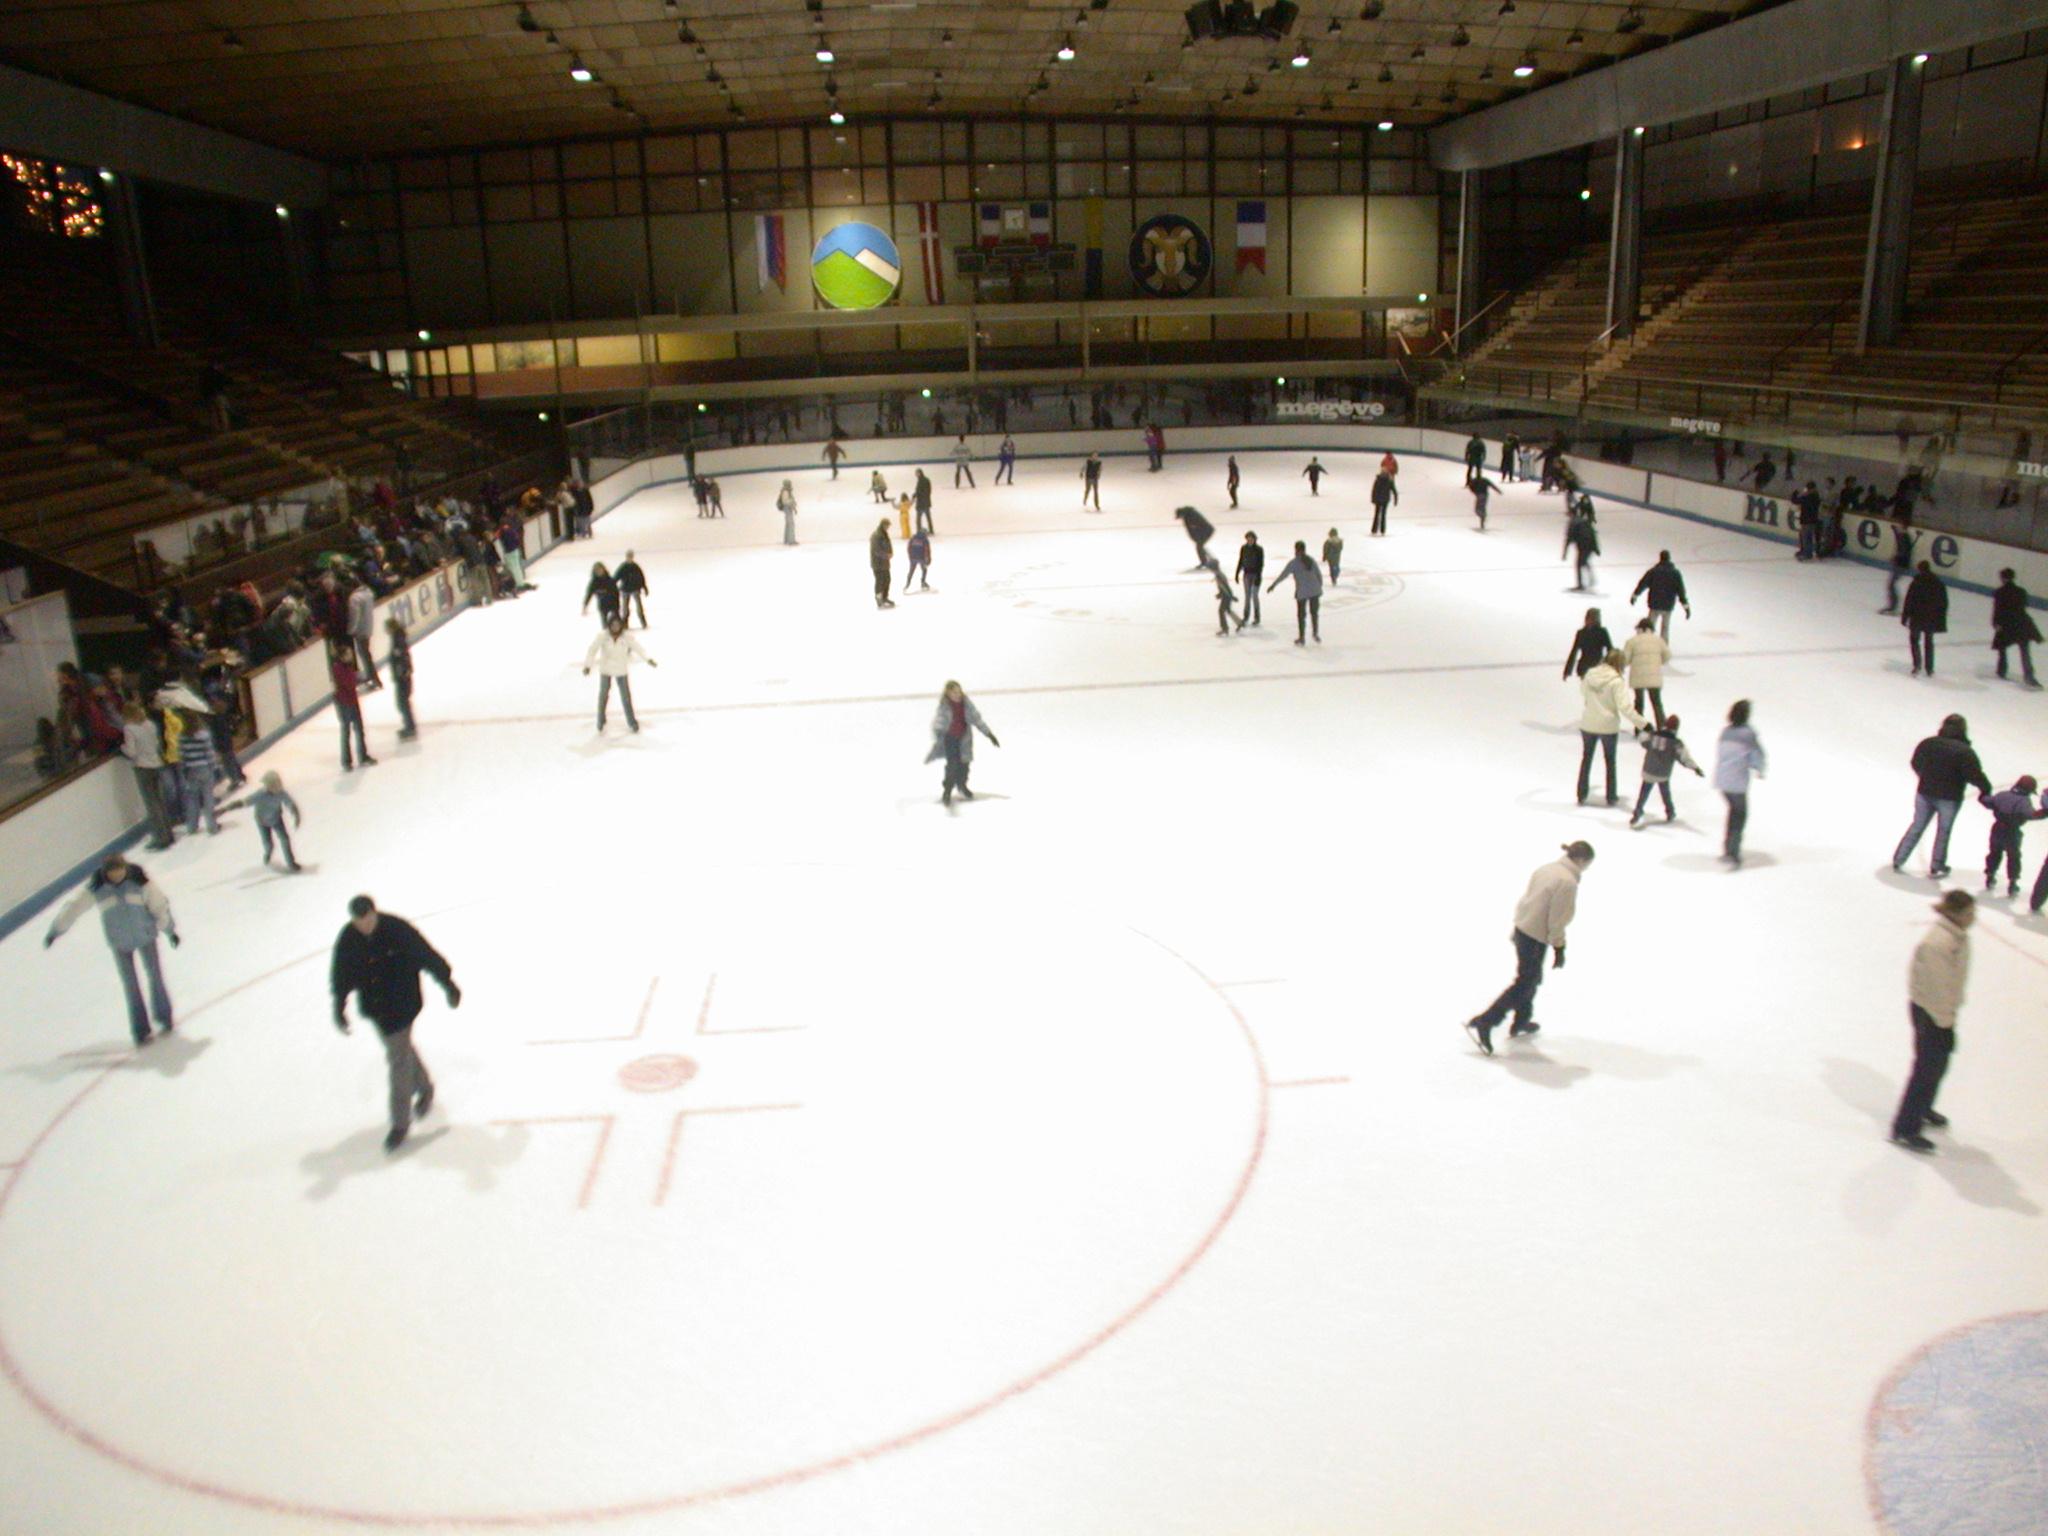 rink icerink ice skating skatingrink iceskating people public frozen